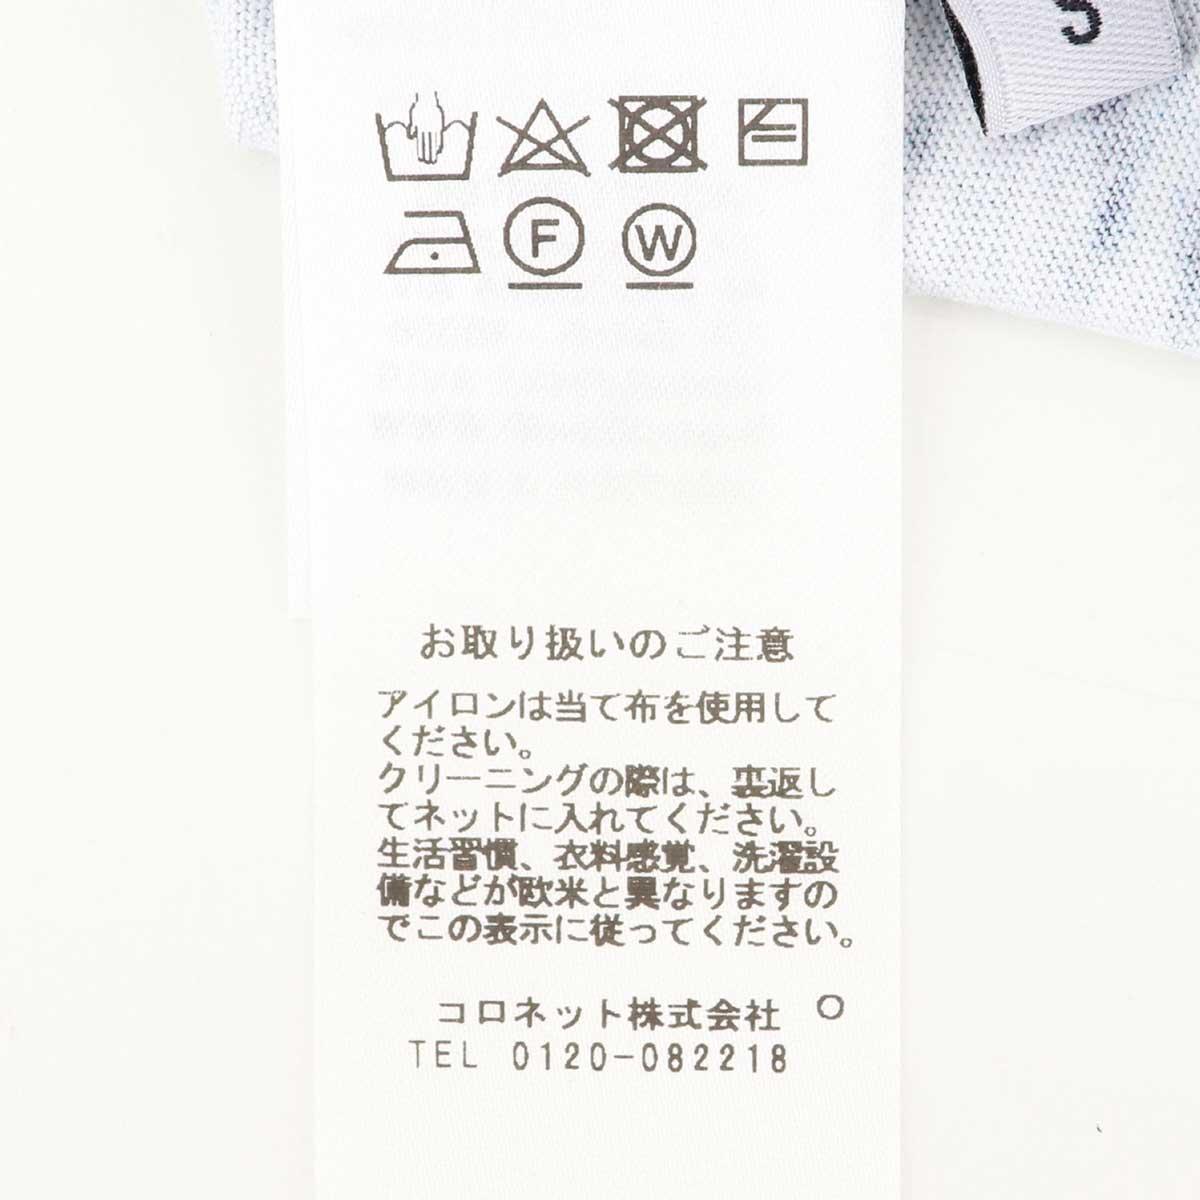 【クリアランスセール】ウールアンドコ WOOL&CO メンズ コットン クルーネック 半袖 アロハ柄 プリントTシャツ WO2270 228-14425 69(ブルー)【返品交換不可】